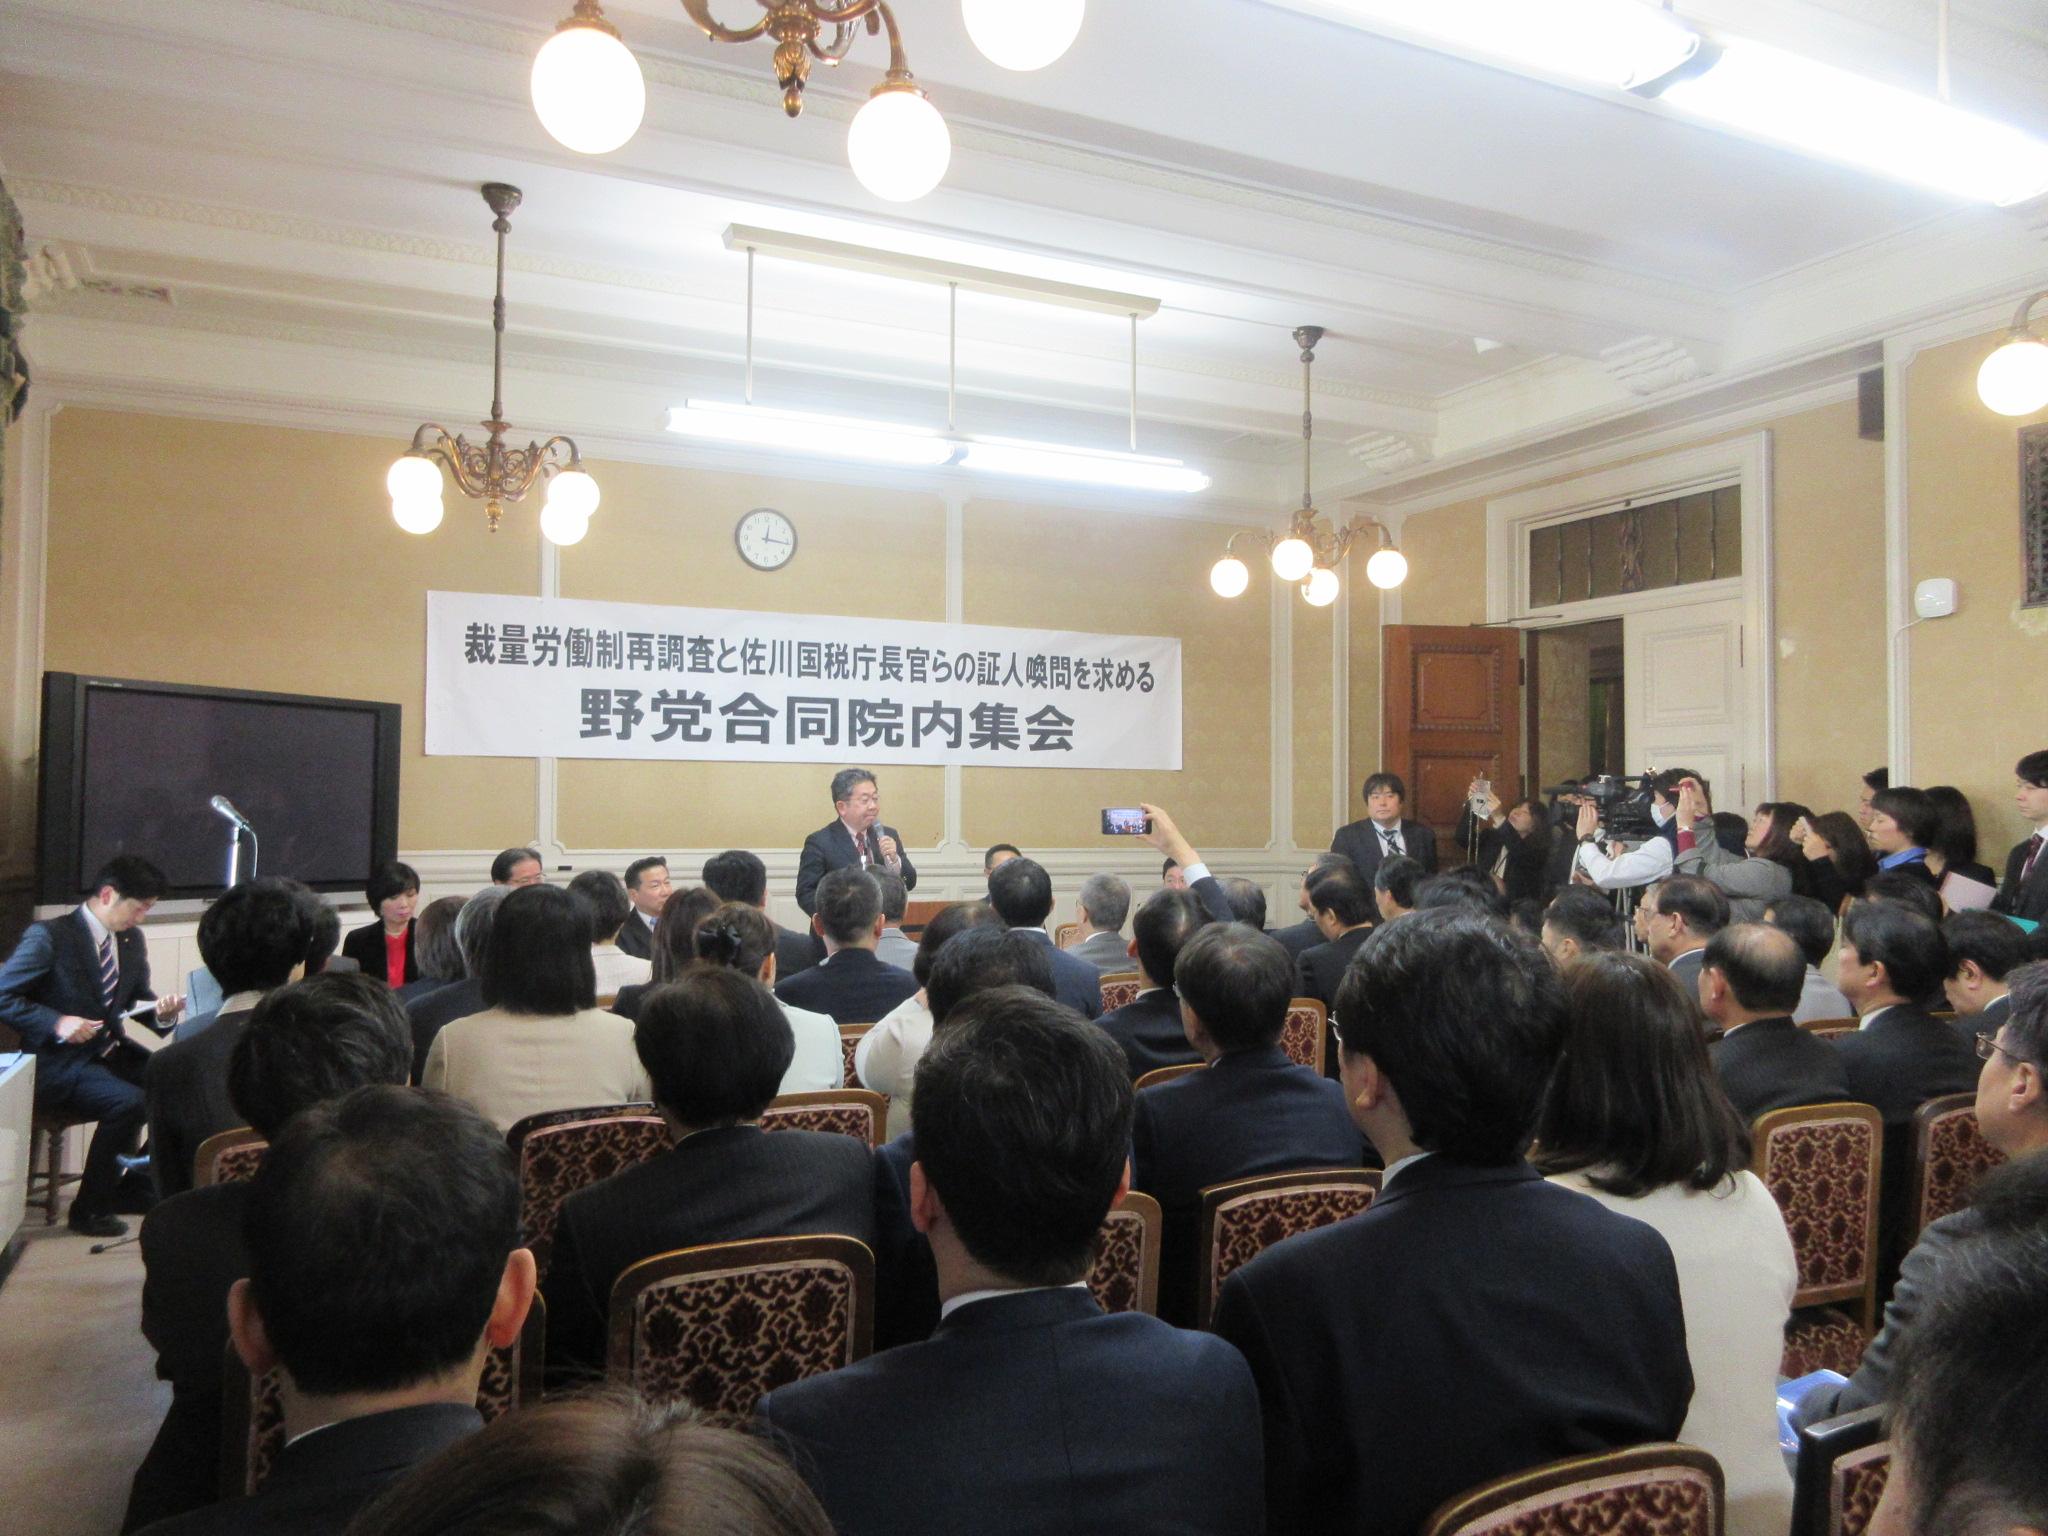 http://www.inoue-satoshi.com/diary/IMG_3729.JPG